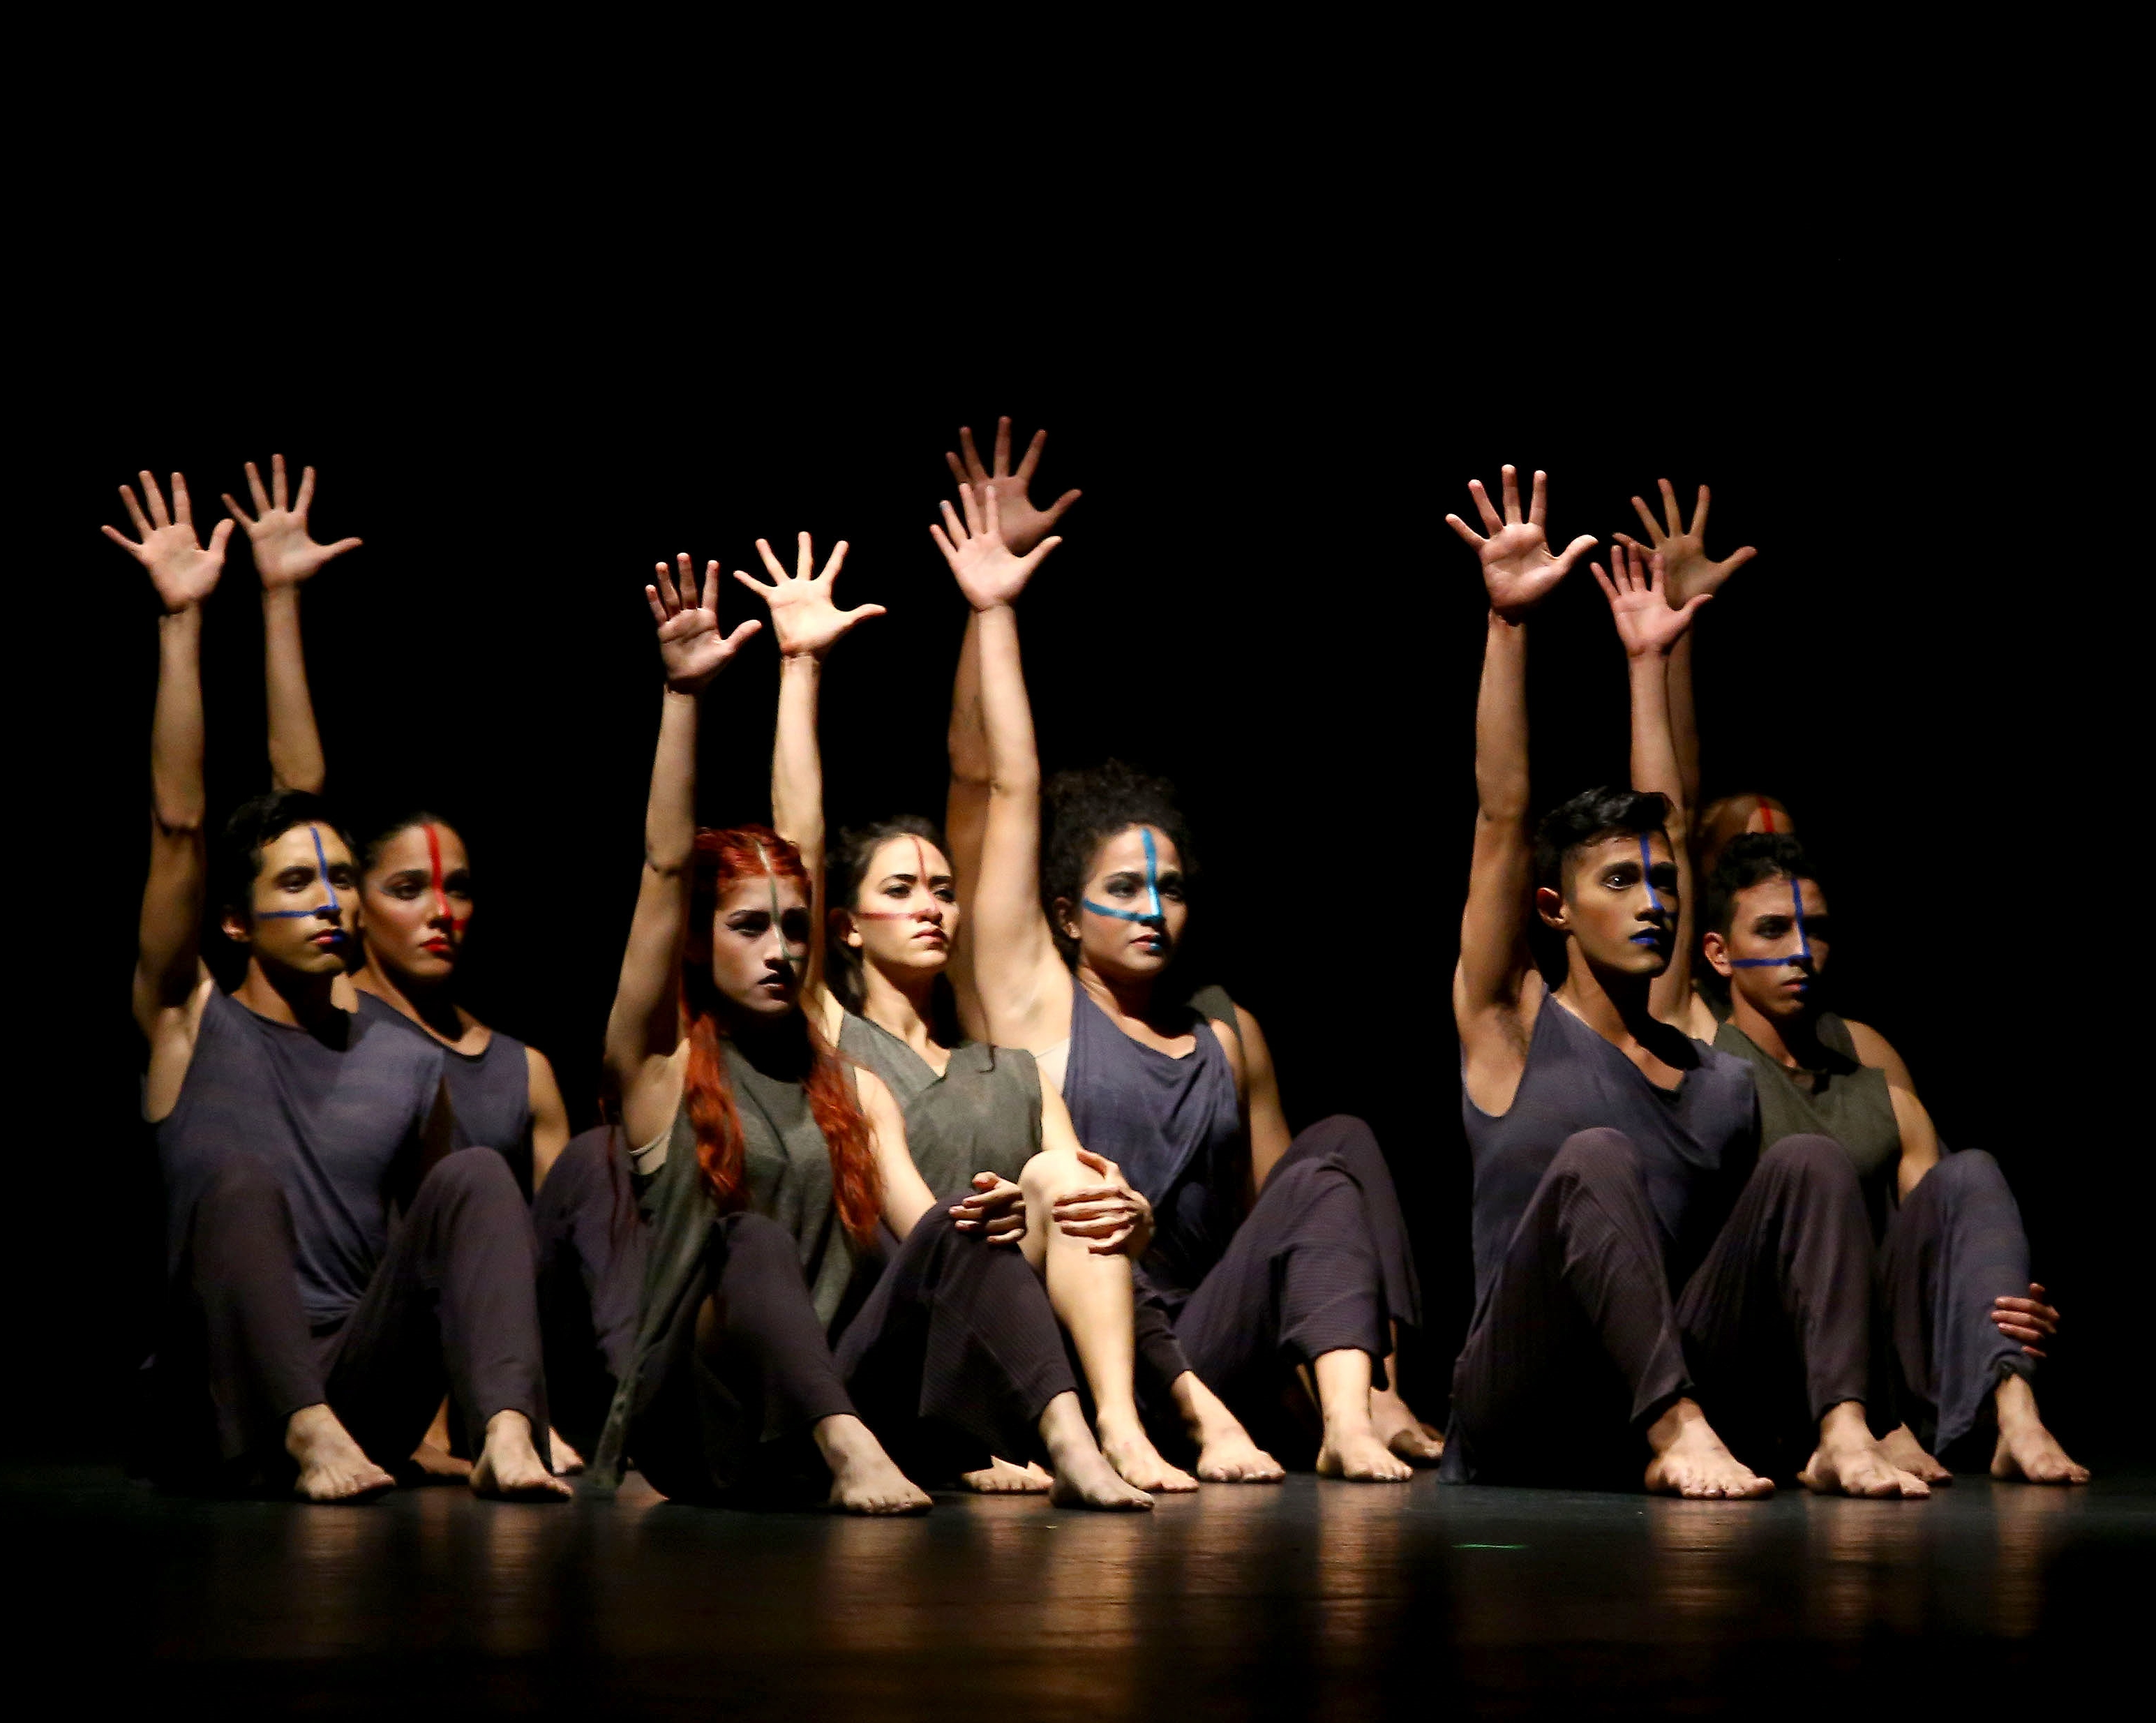 Clases de Danza Contemporánea en Leganés